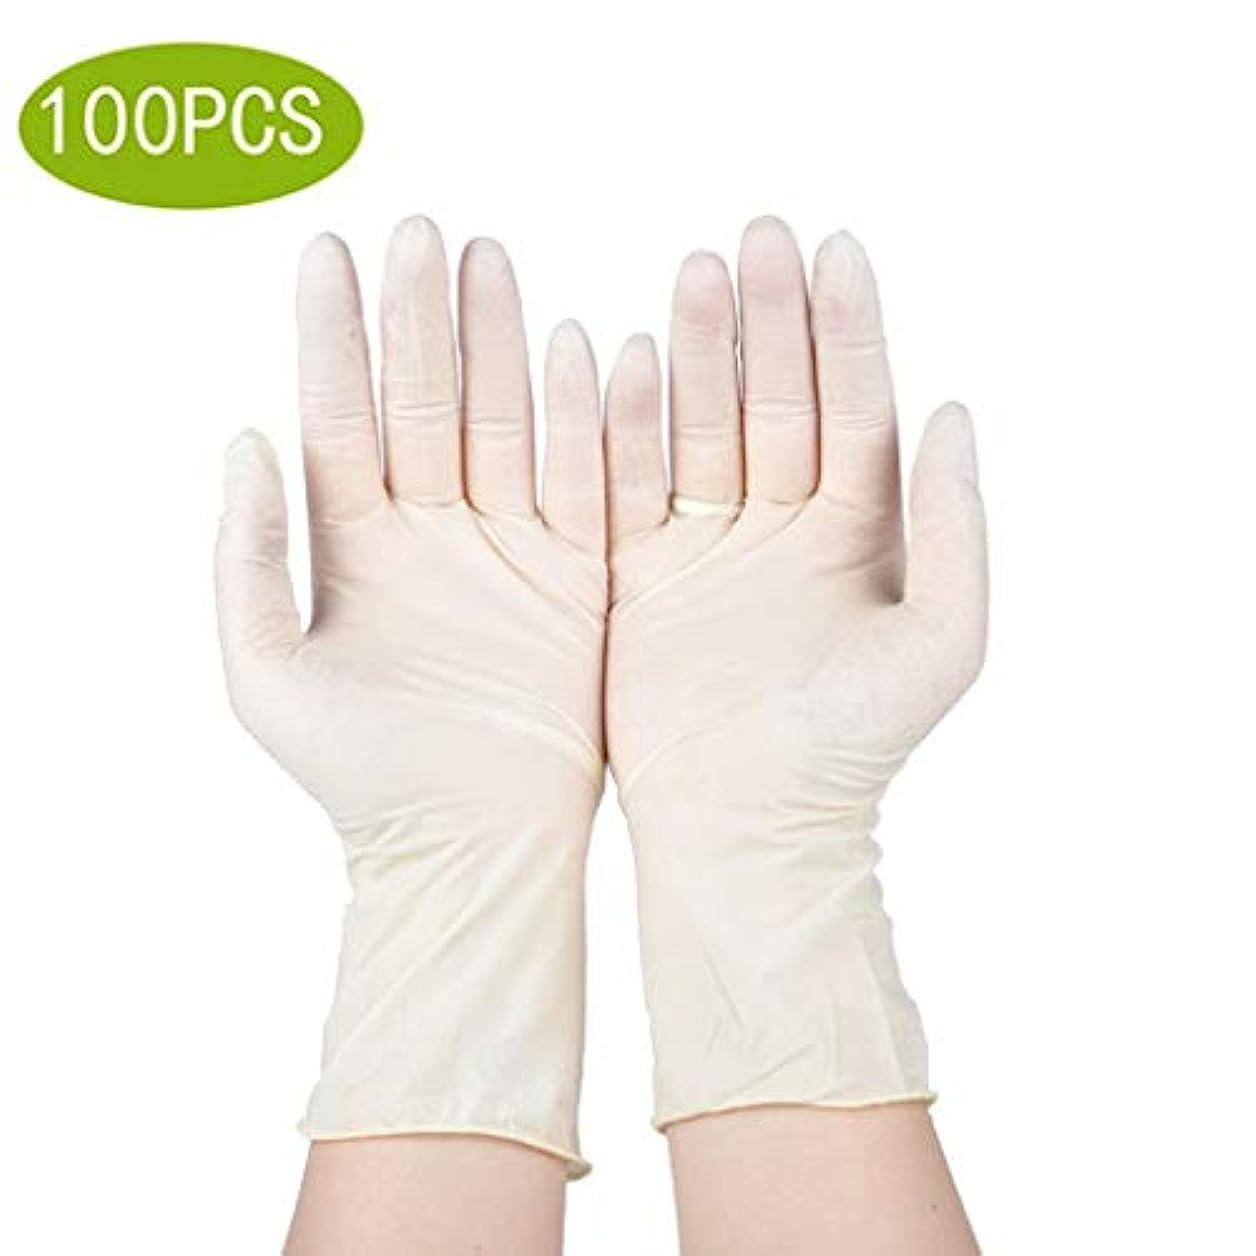 申請者学習傾くニトリル手袋義務使い捨てビニール手袋、100カウント、特大 - パウダーフリー、両用性、超快適、極度の強度、耐久性と伸縮性、医療、食品、マルチユース (Color : Latex Gloves, Size : M)